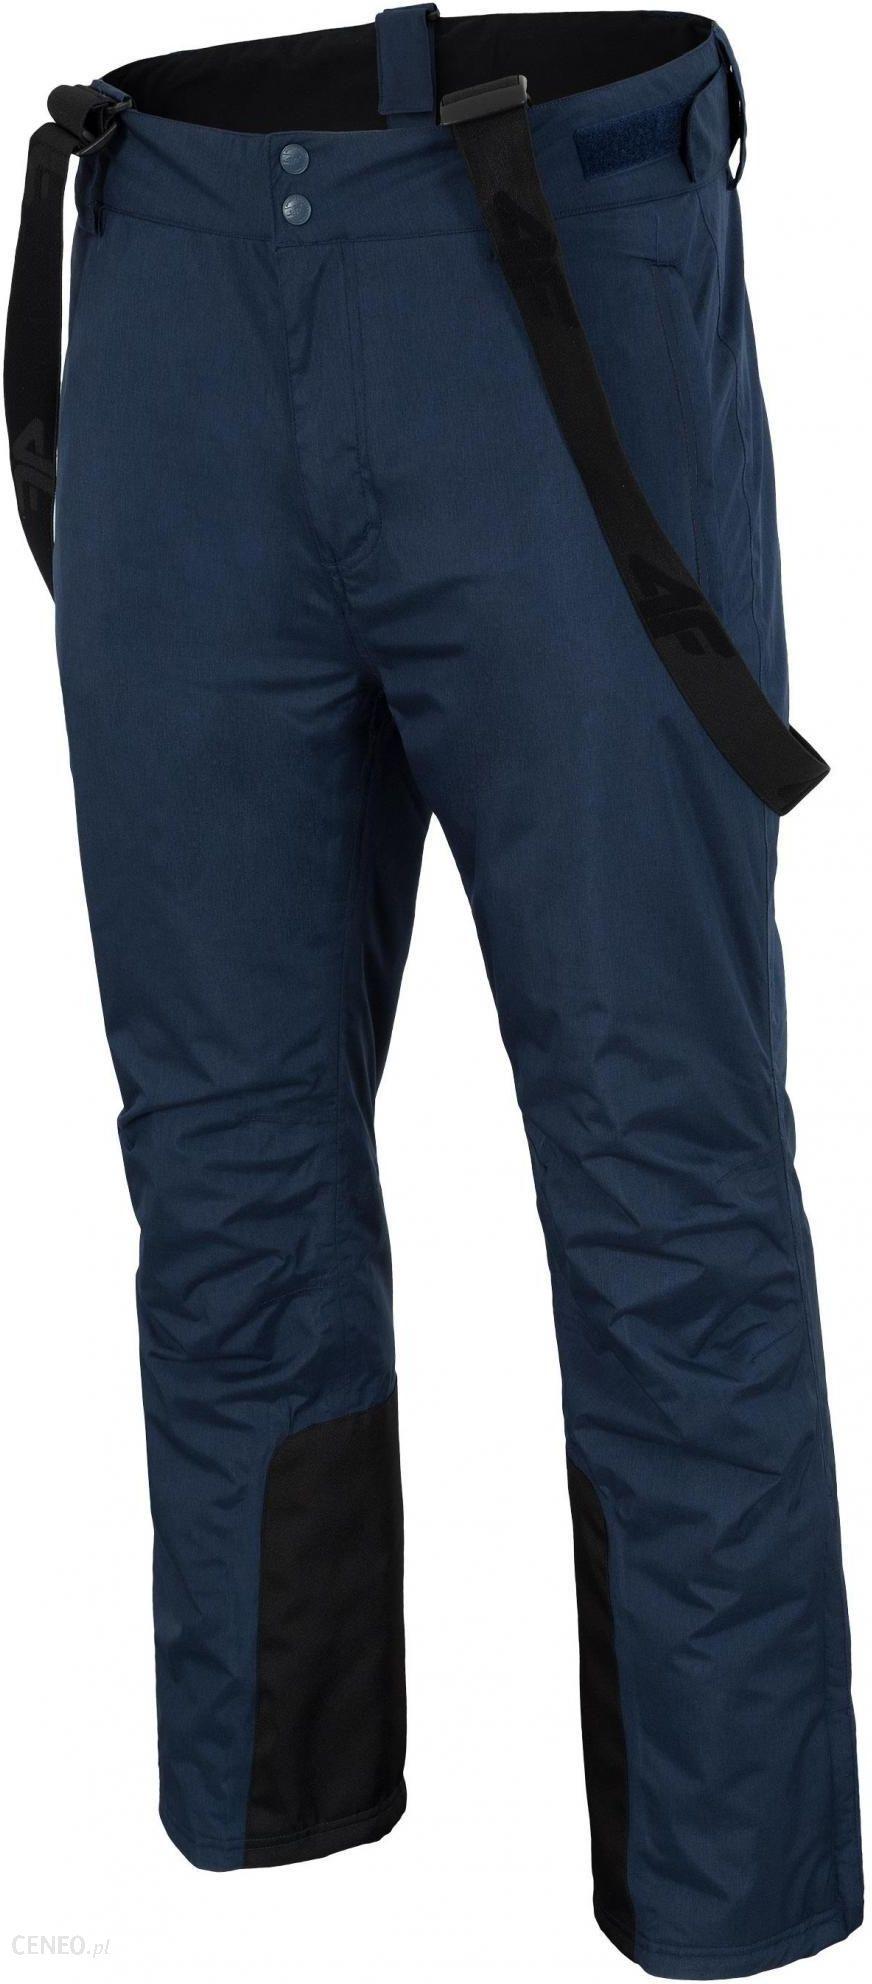 4F Spodnie męskie H4Z17 Spmn001 granatowy melanż Łódź